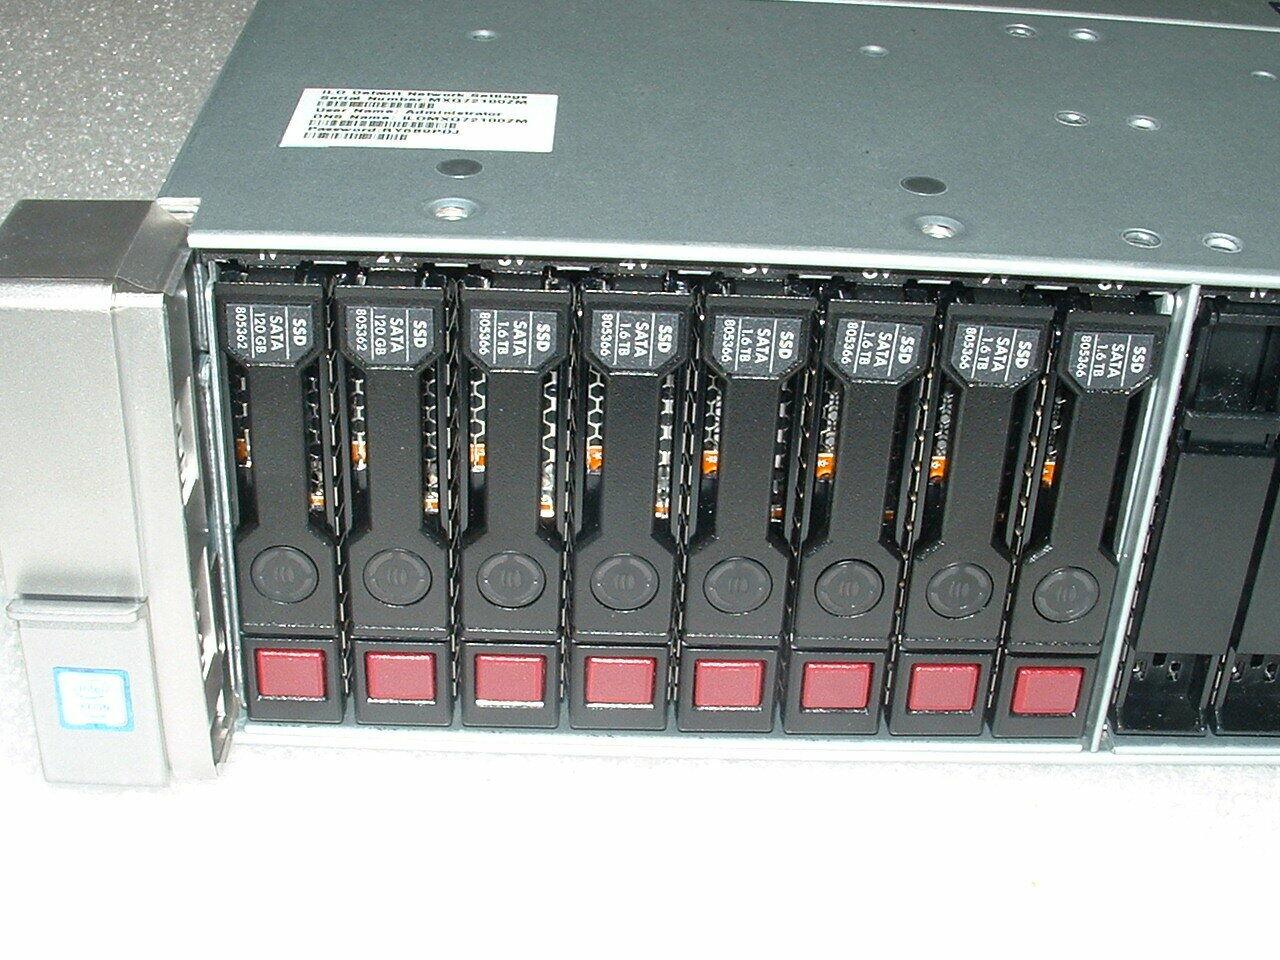 HP Proliant DL380 G6 SERVER 2x QUAD CORE L5520 2.26GHz 64GB RAM 1x 120GB SSD